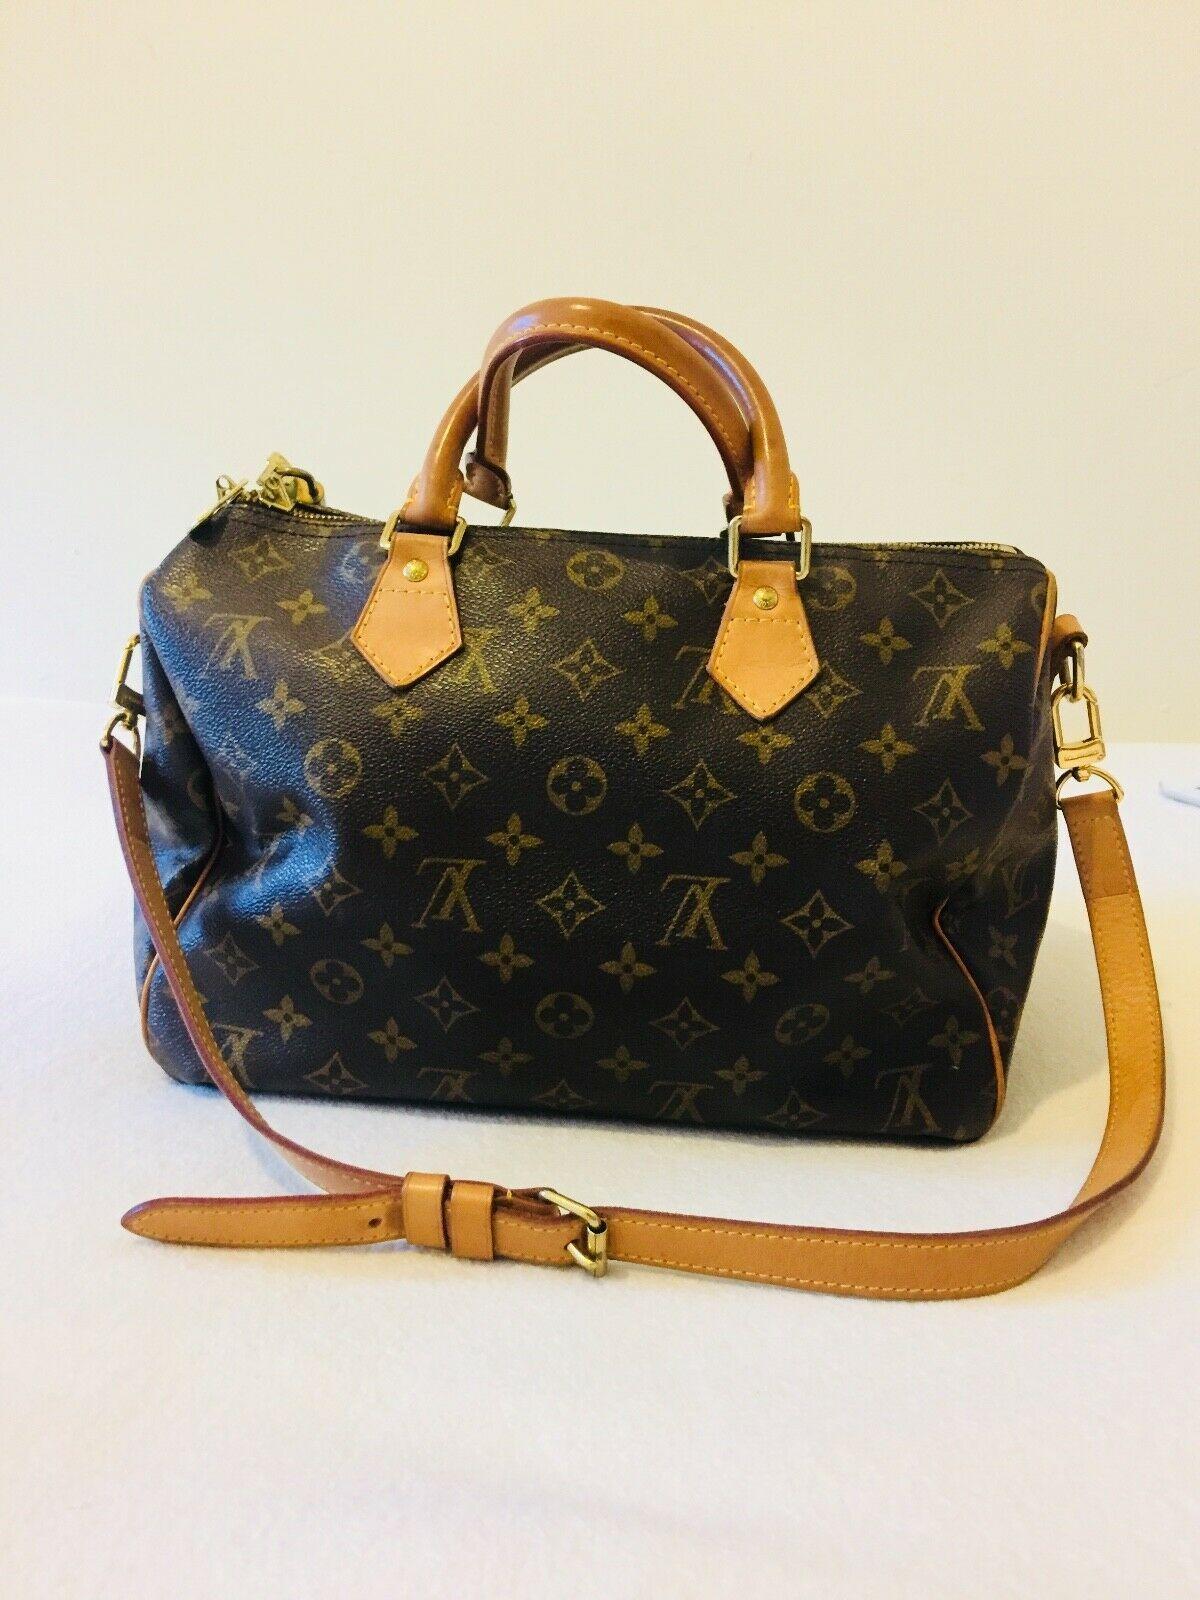 7079b4ec89d Details about 100% Authentic Louis Vuitton Speedy 30 Monogram in ...